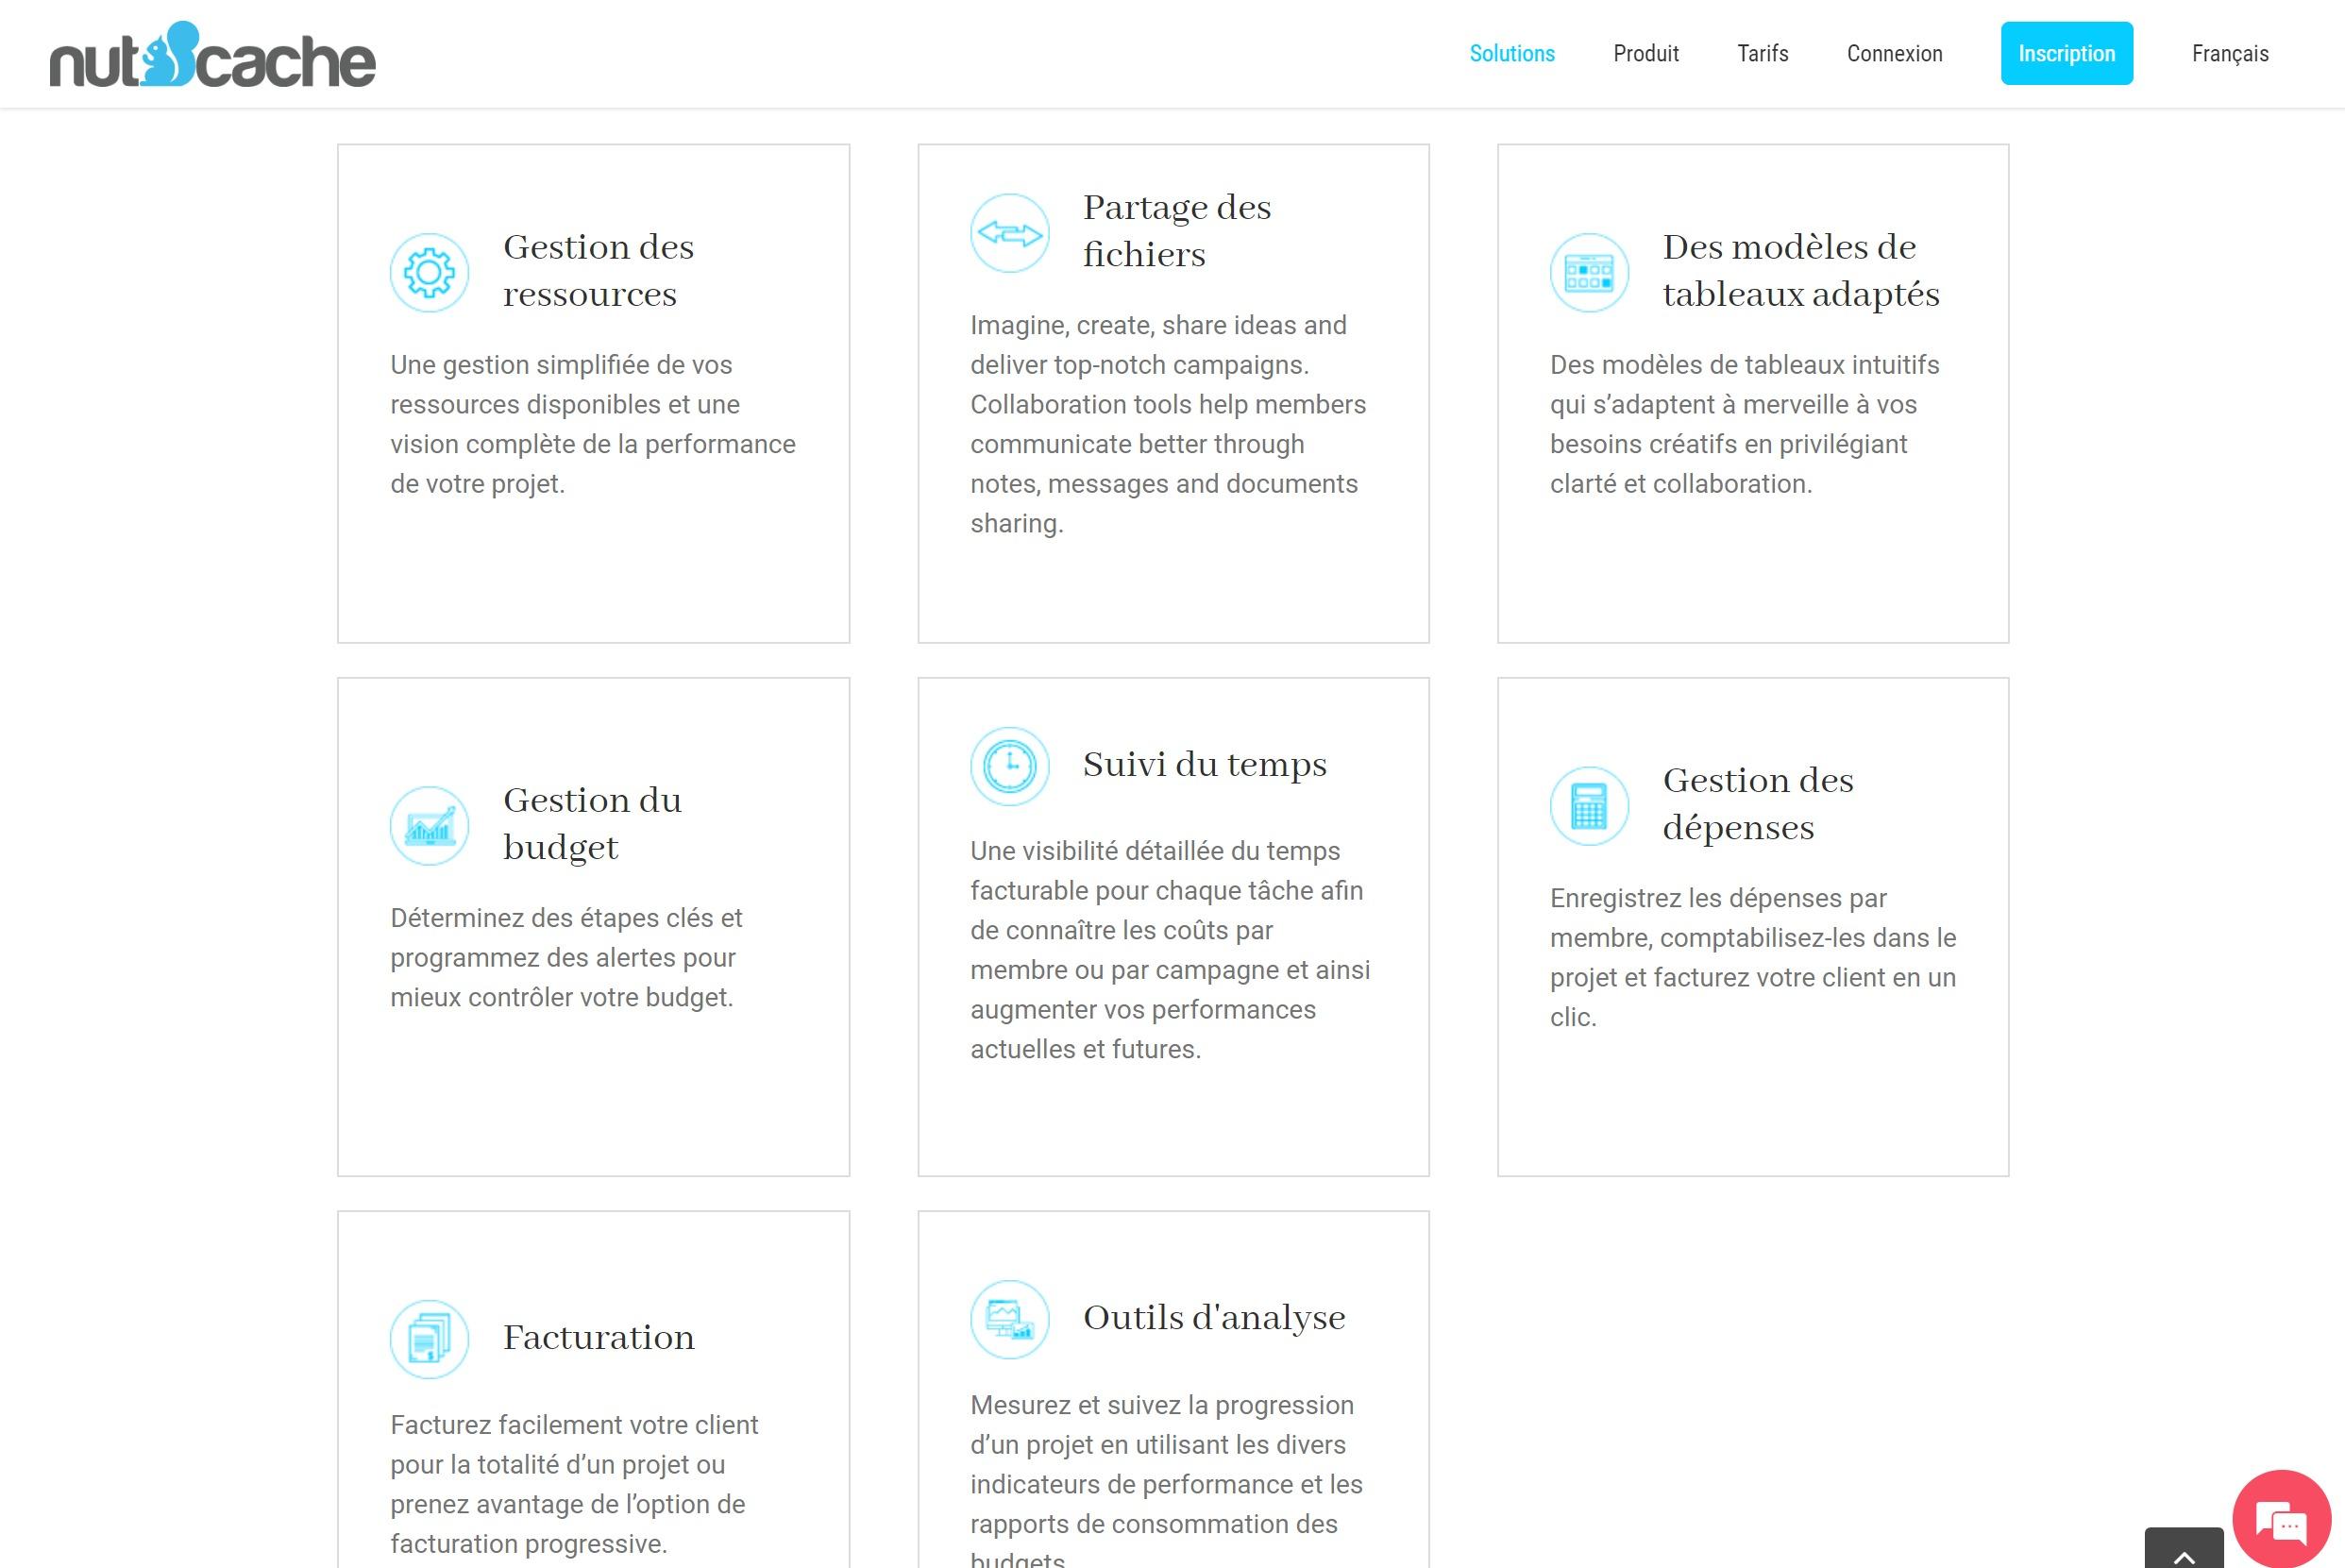 Nutcache - outil de gestion de projet collaboratif